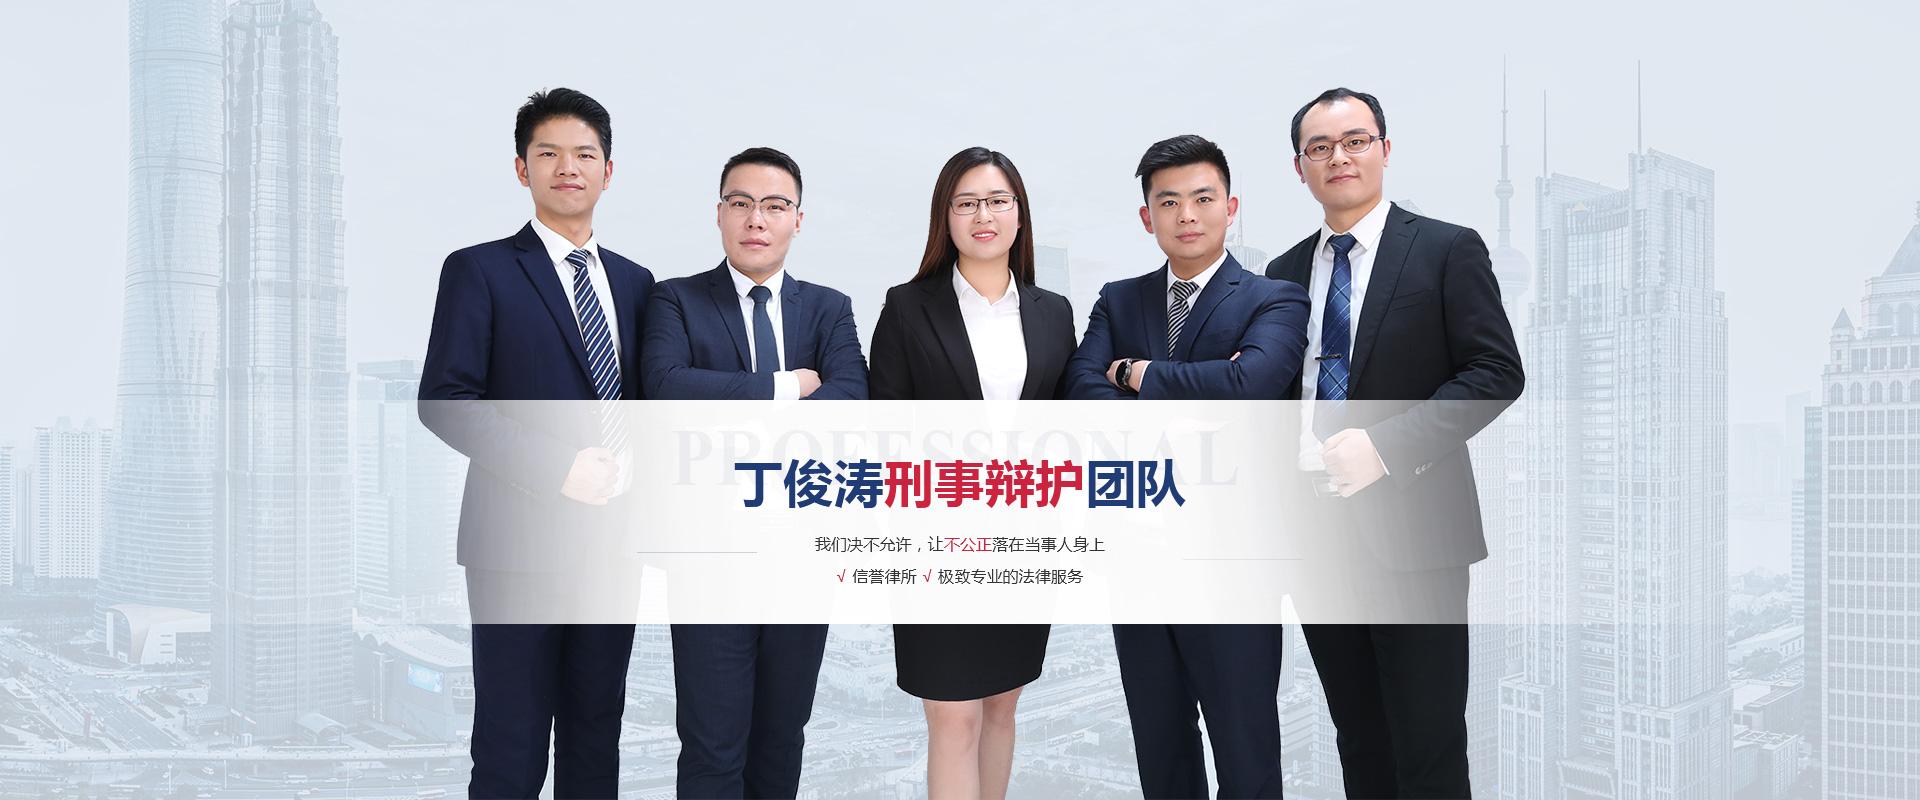 丁俊涛刑事辩护团队-丁俊涛律师